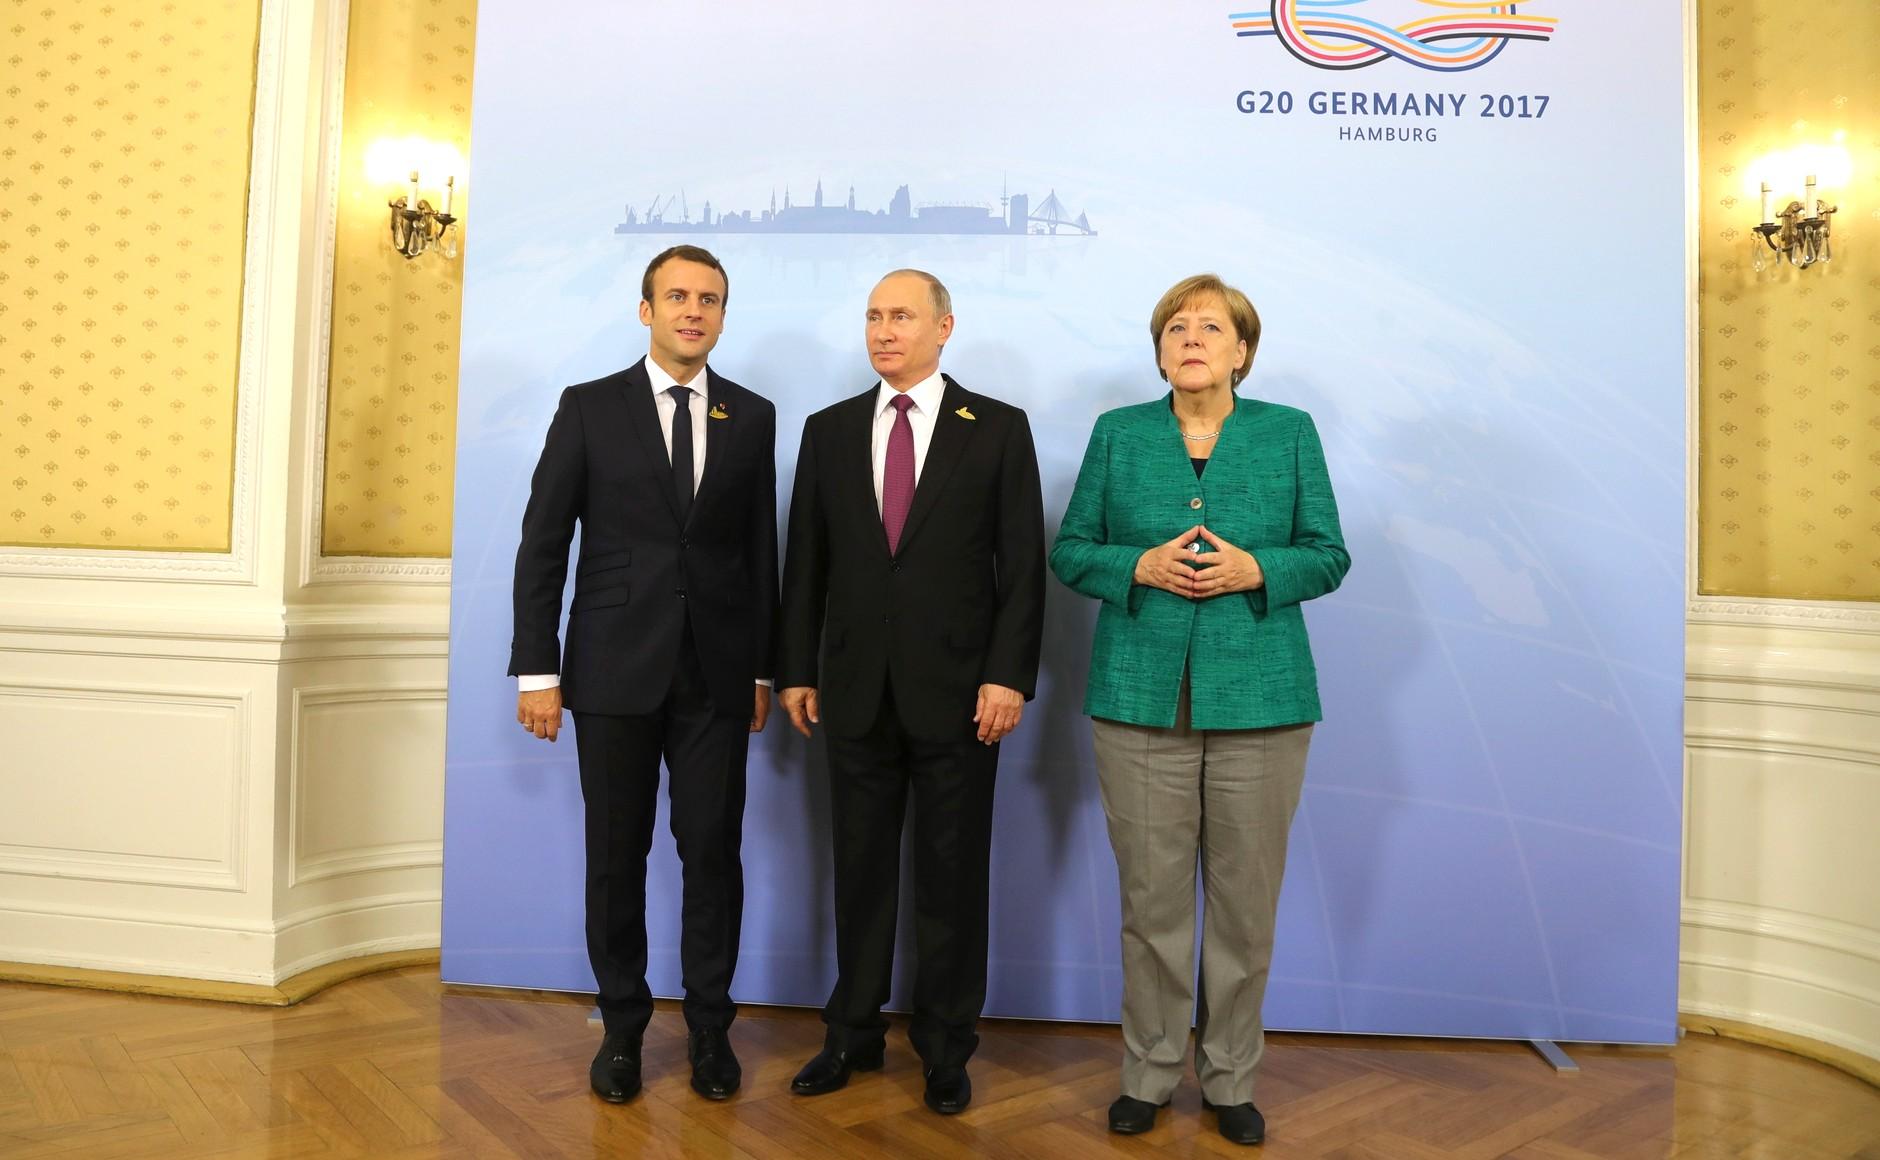 Macron Putin Merkel Эмманюэль Макрон Эмманюэль Макрон